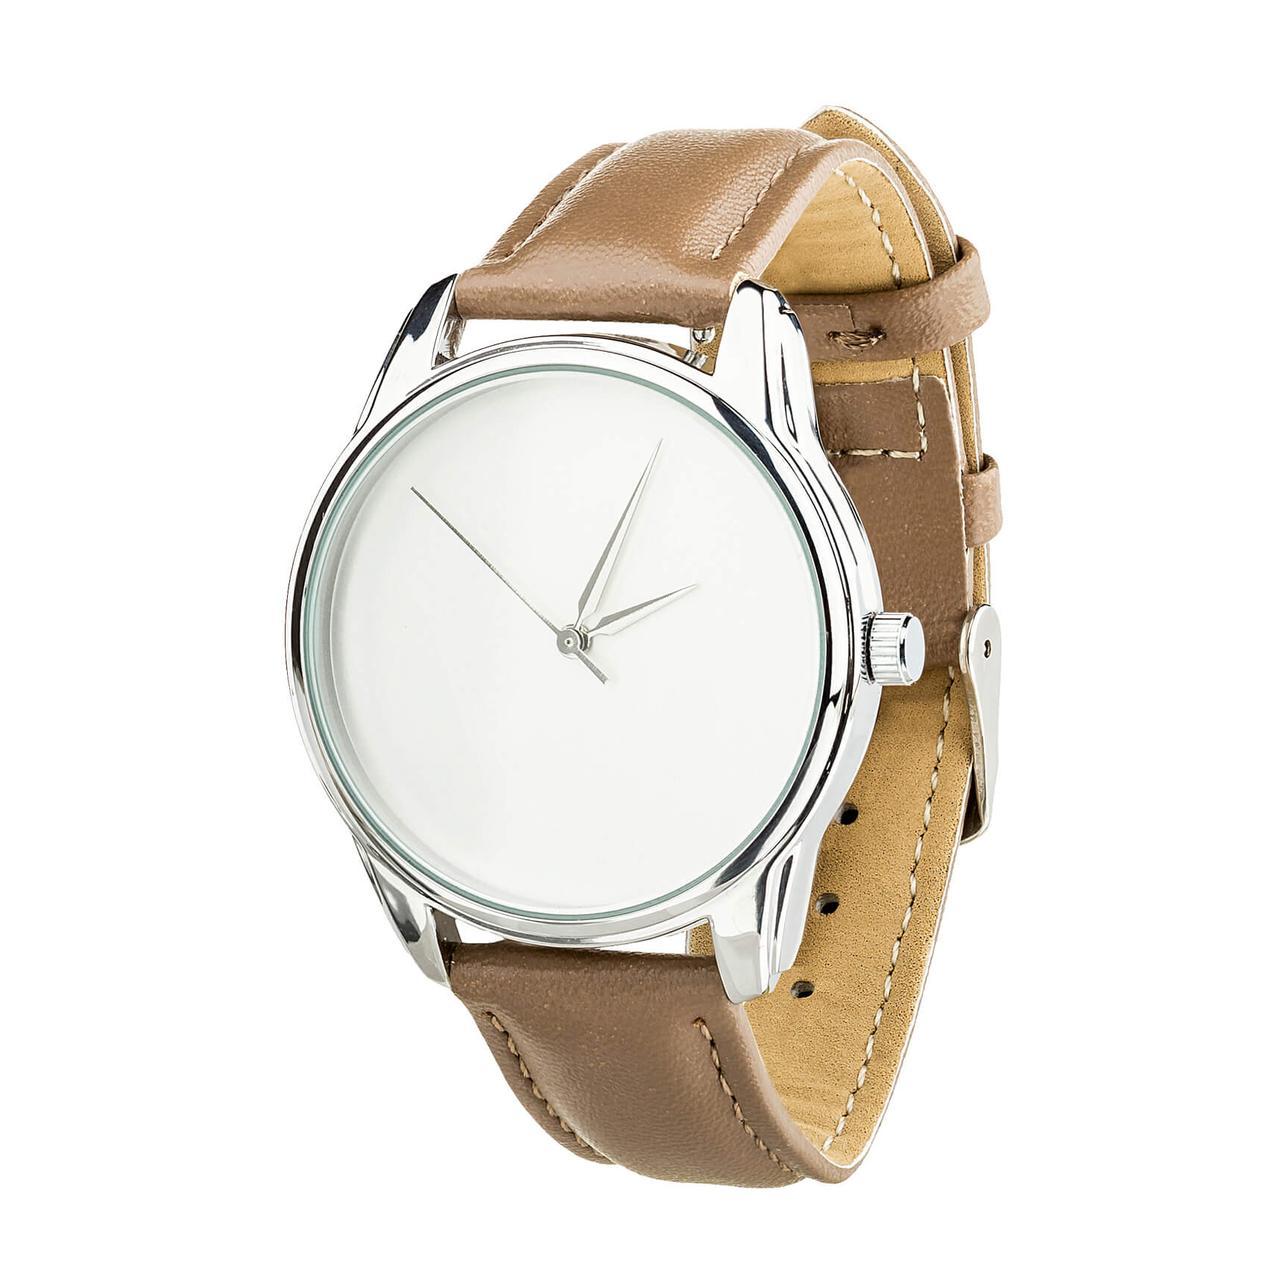 Часы наручные ZIZ Минимализм (ремешок серо - коричневый, серебро) + дополнительный ремешок